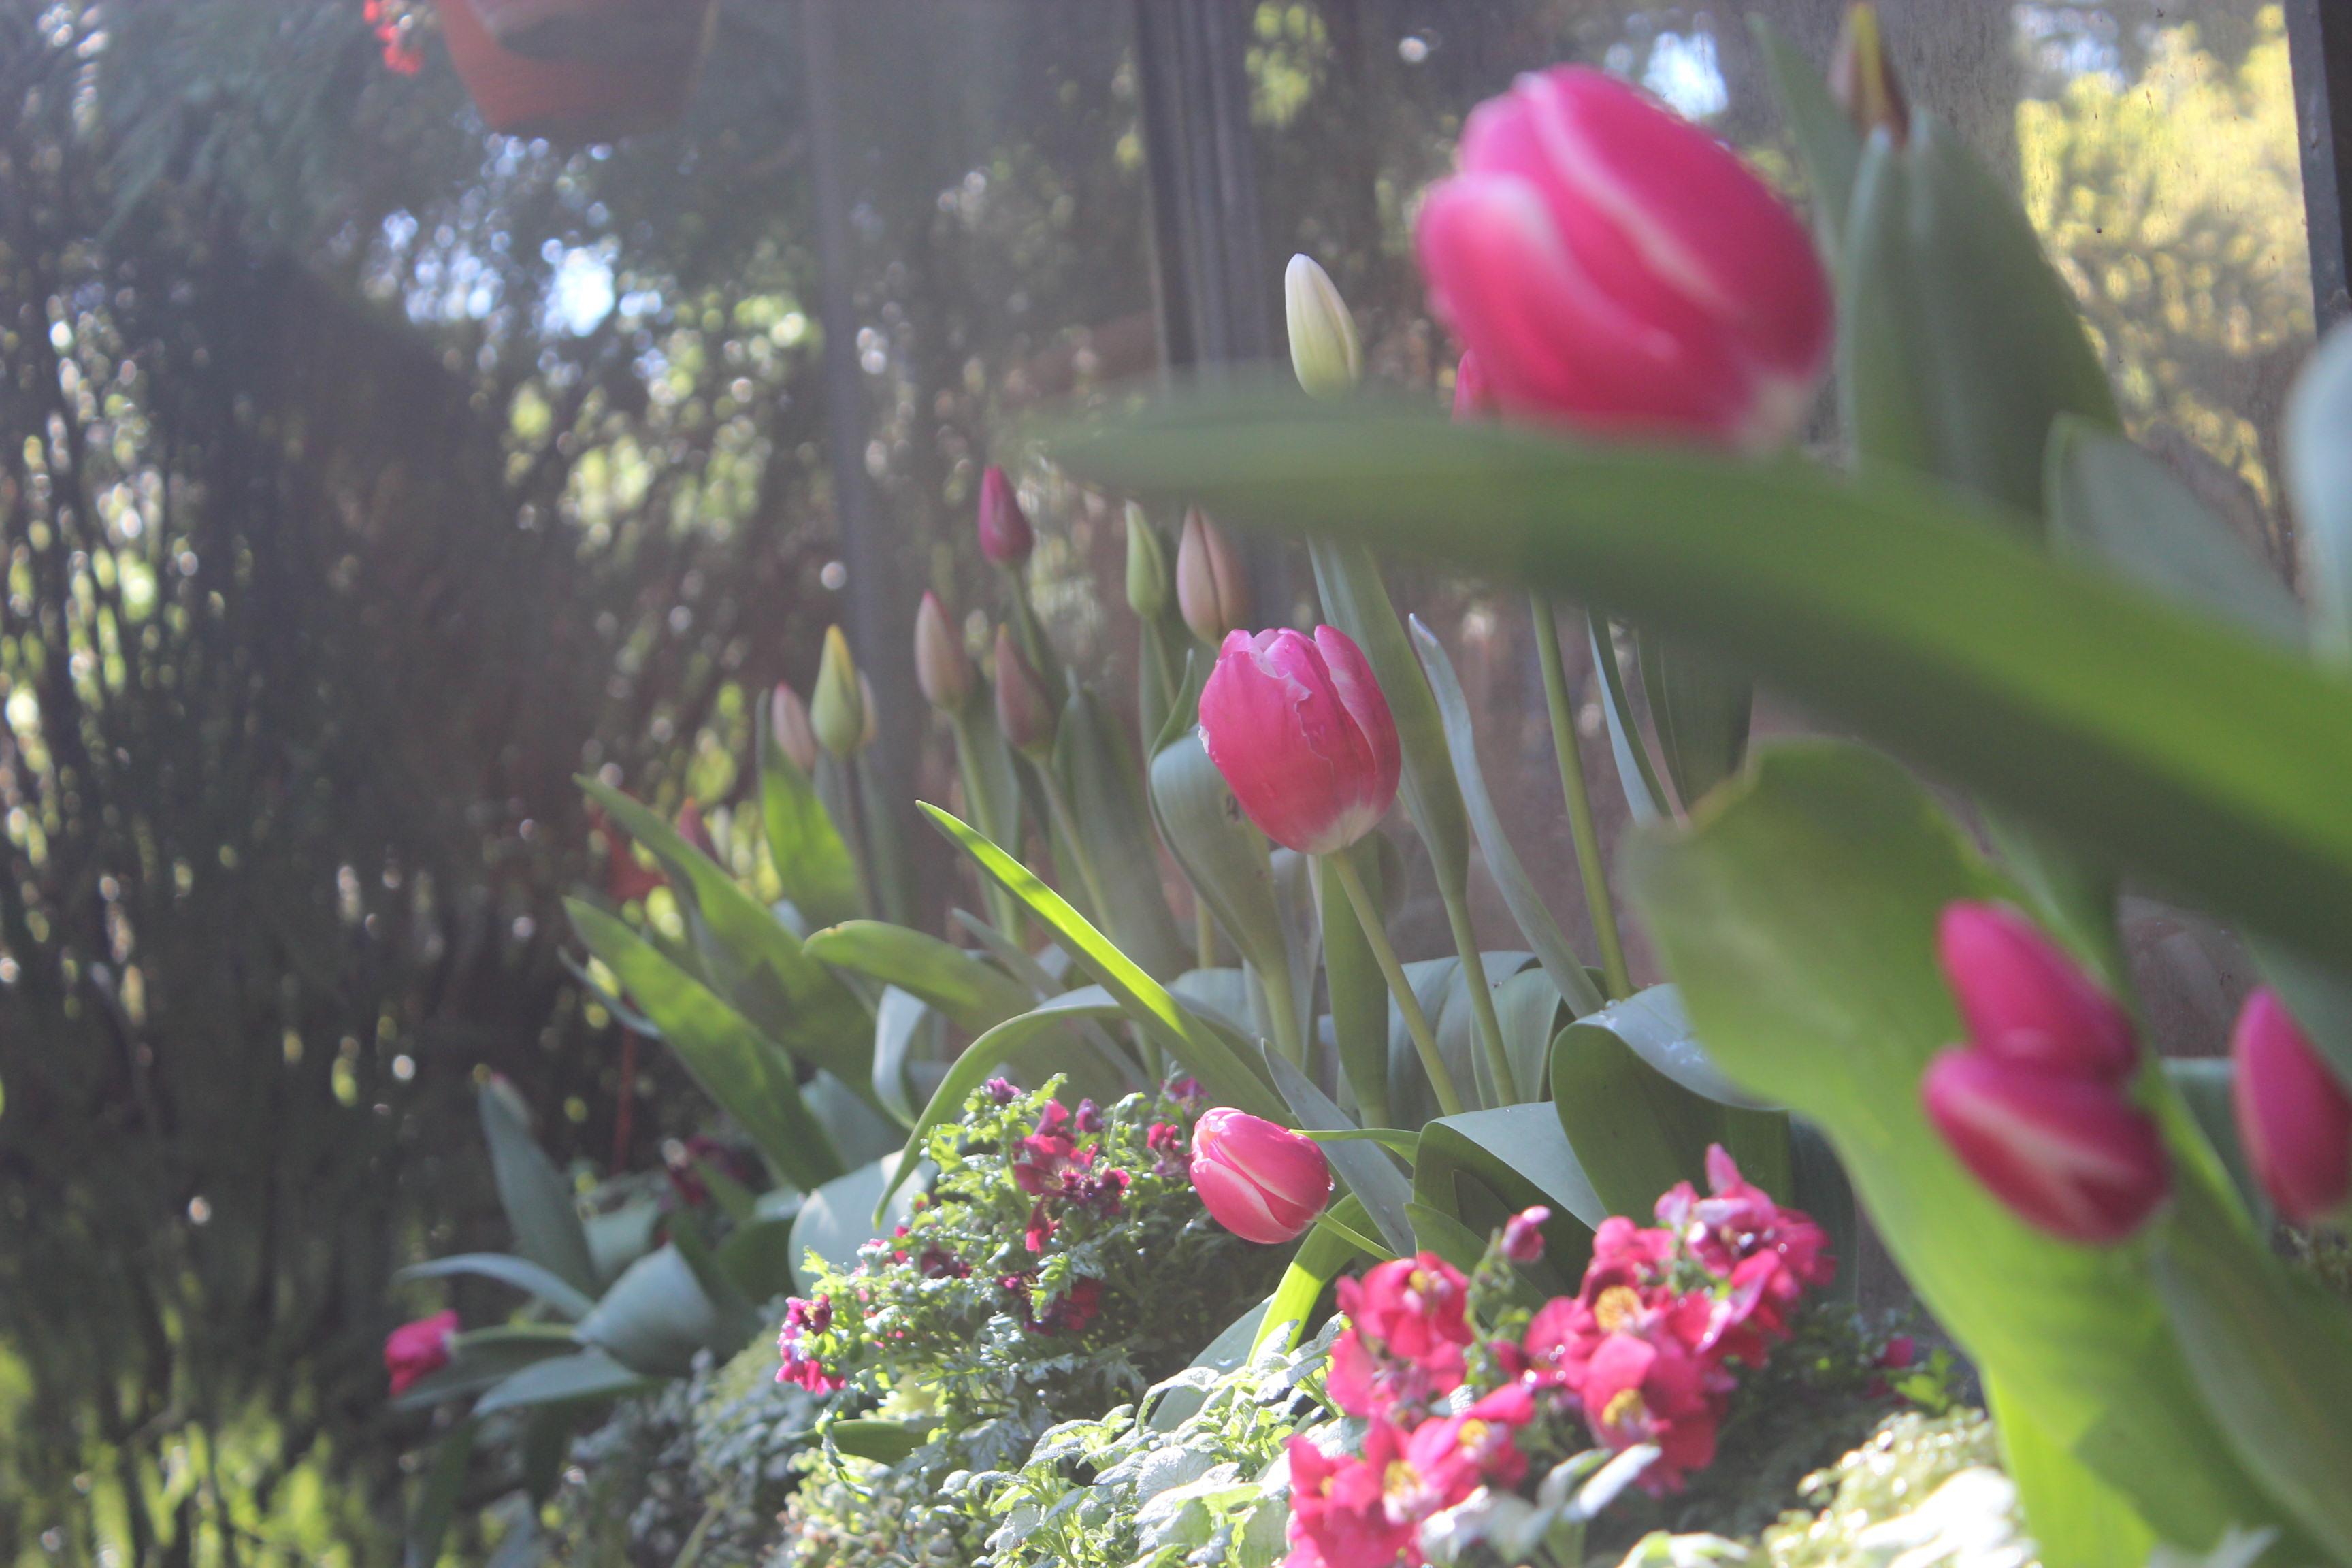 Jardinera con tulipanes